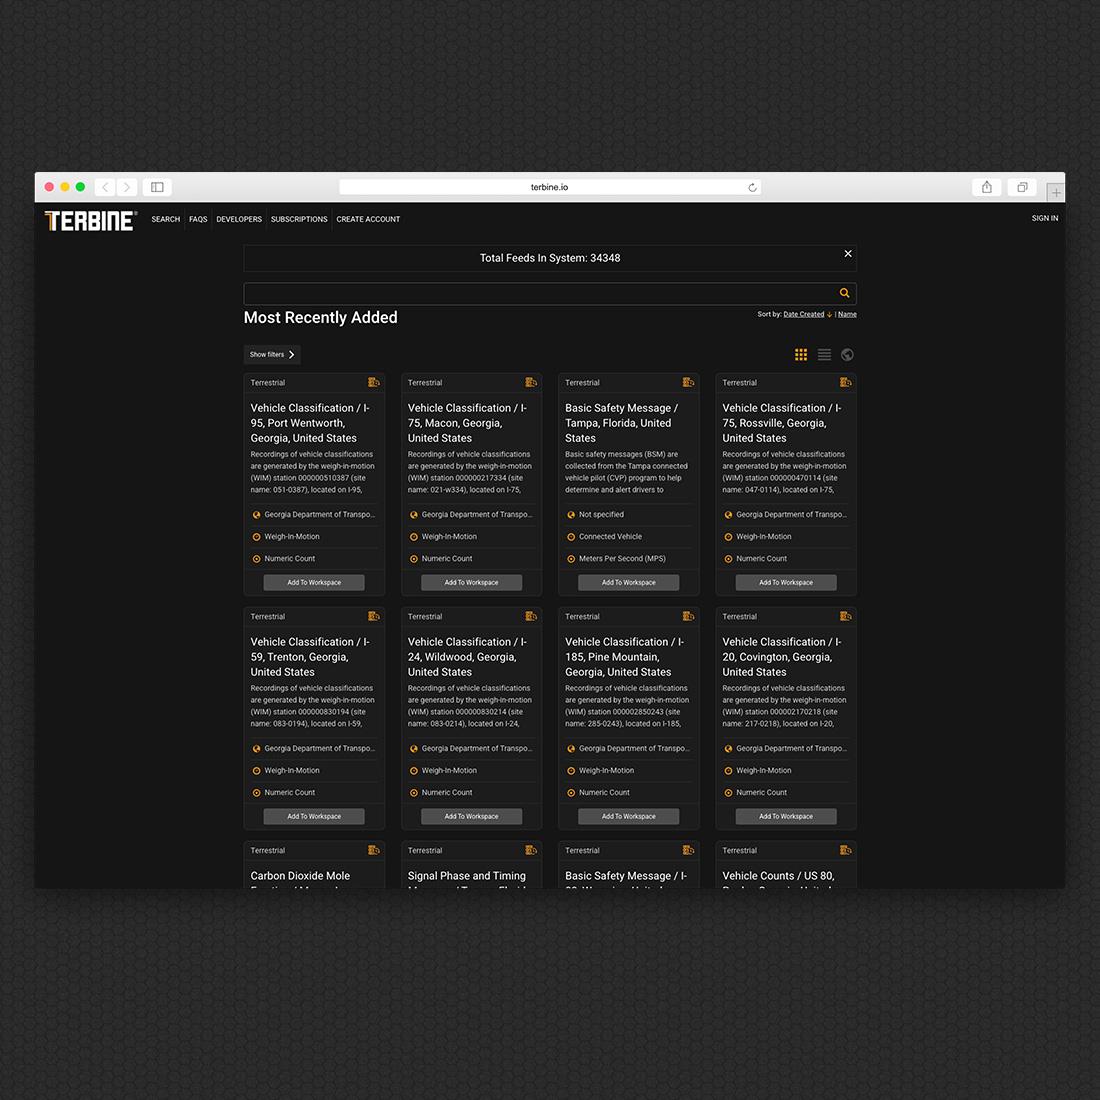 Terbine.io Home Page